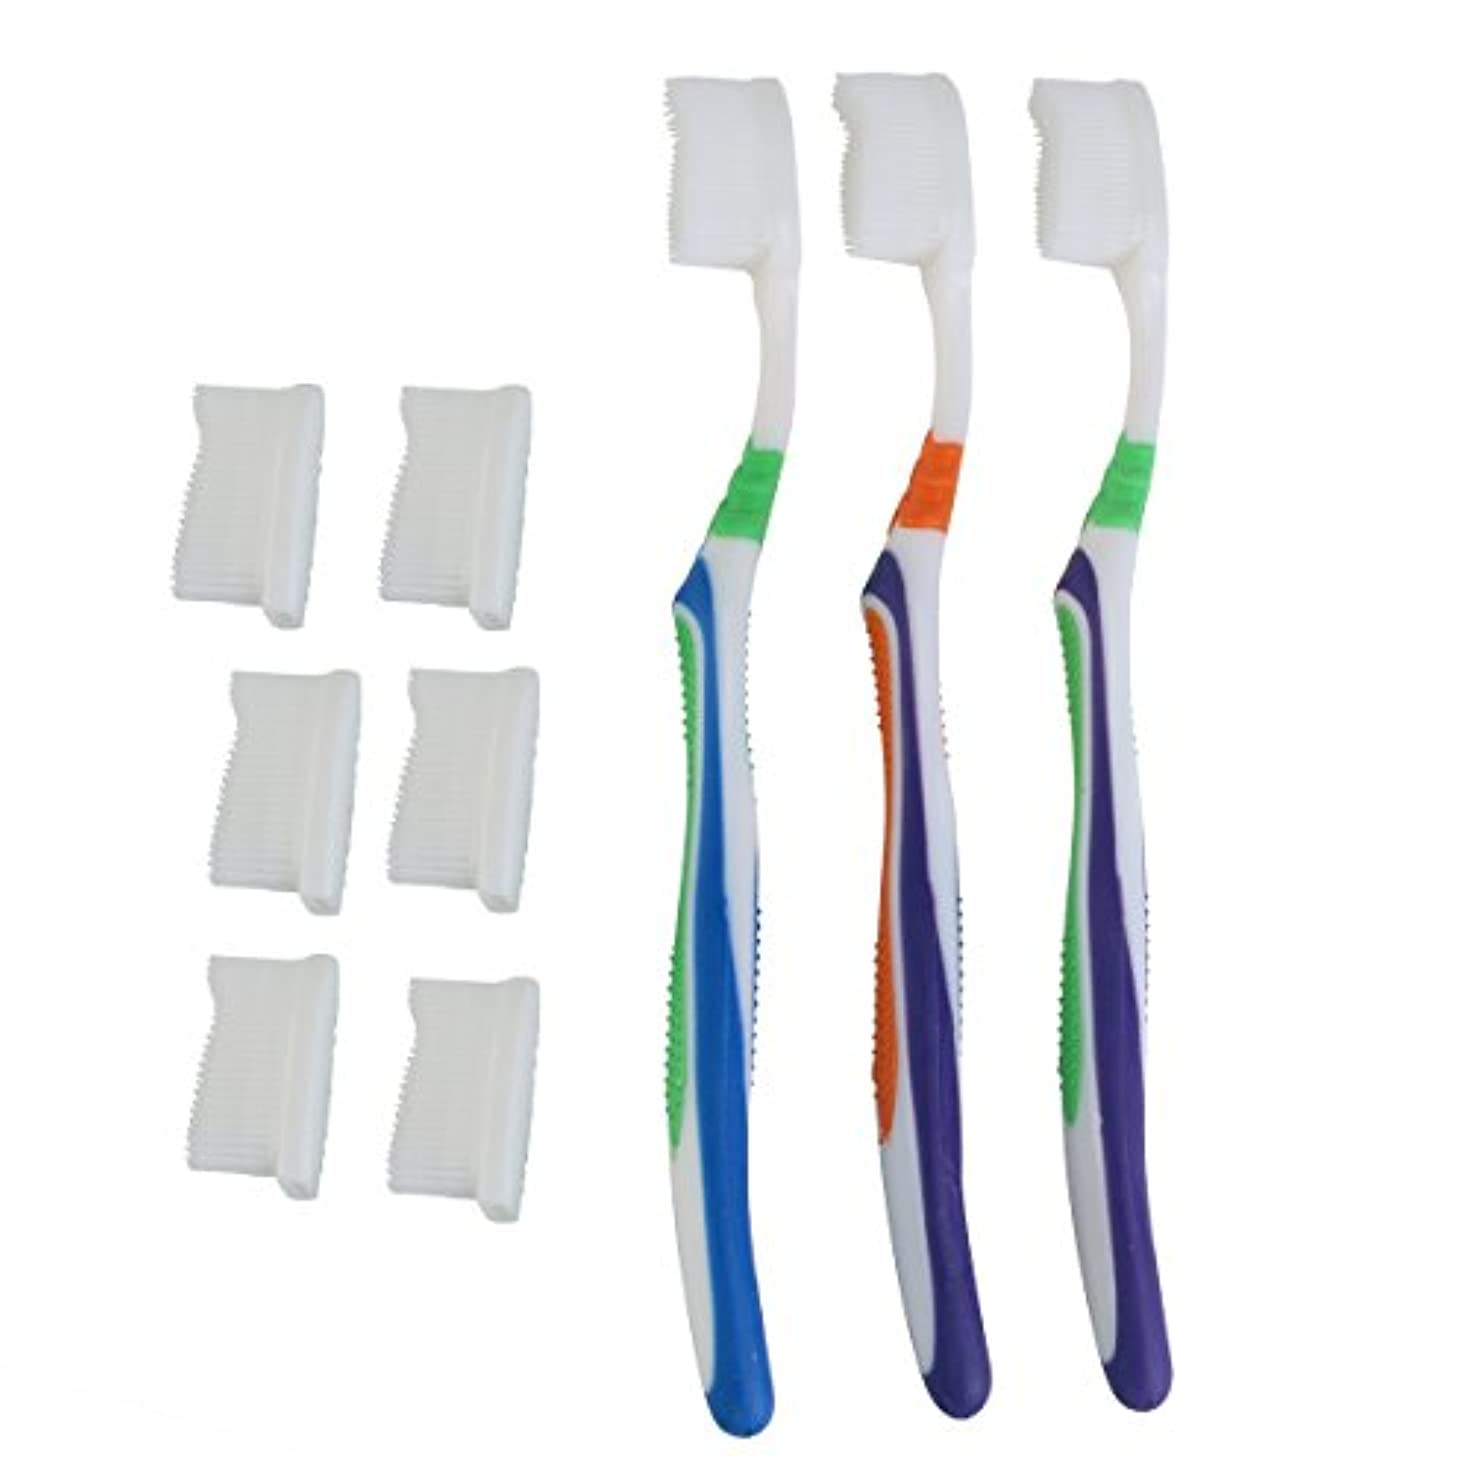 世界の窓補償サスティーンTOPBATHY 子供と大人のための歯ブラシの頭の代わりとなる柔らかい歯ブラシ(ランダムカラー)